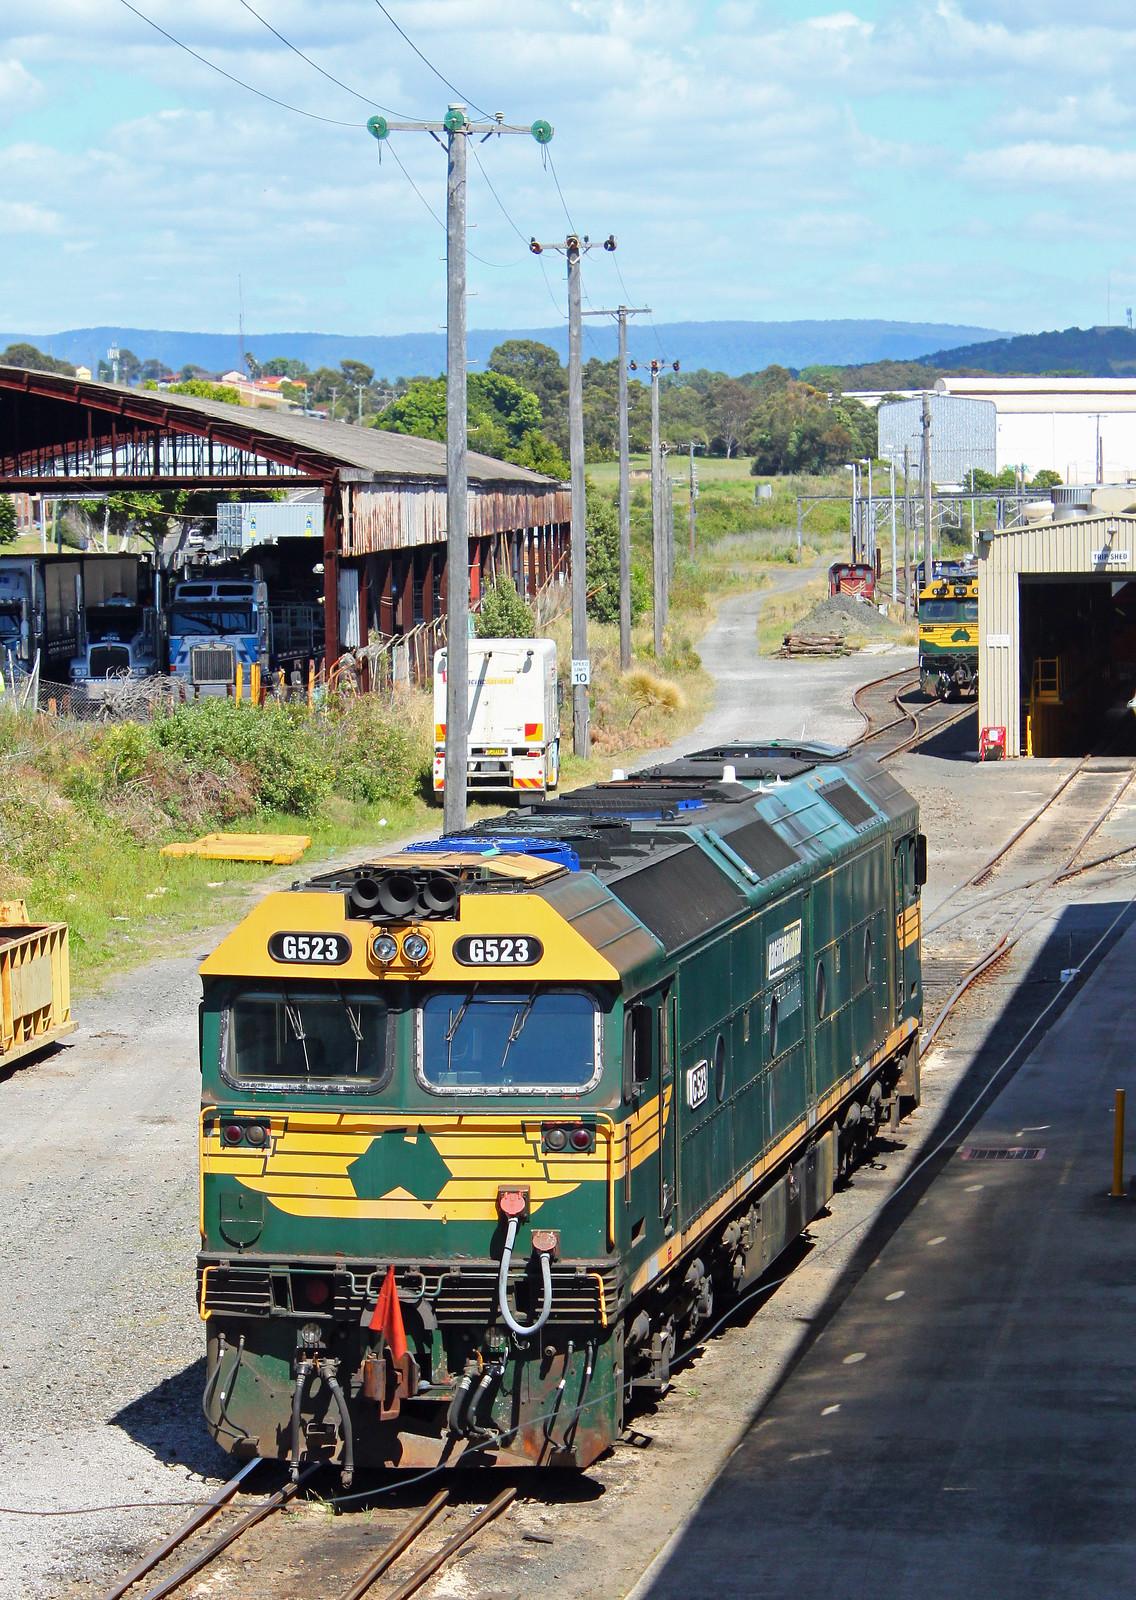 G523 at Port Kembla by Thomas